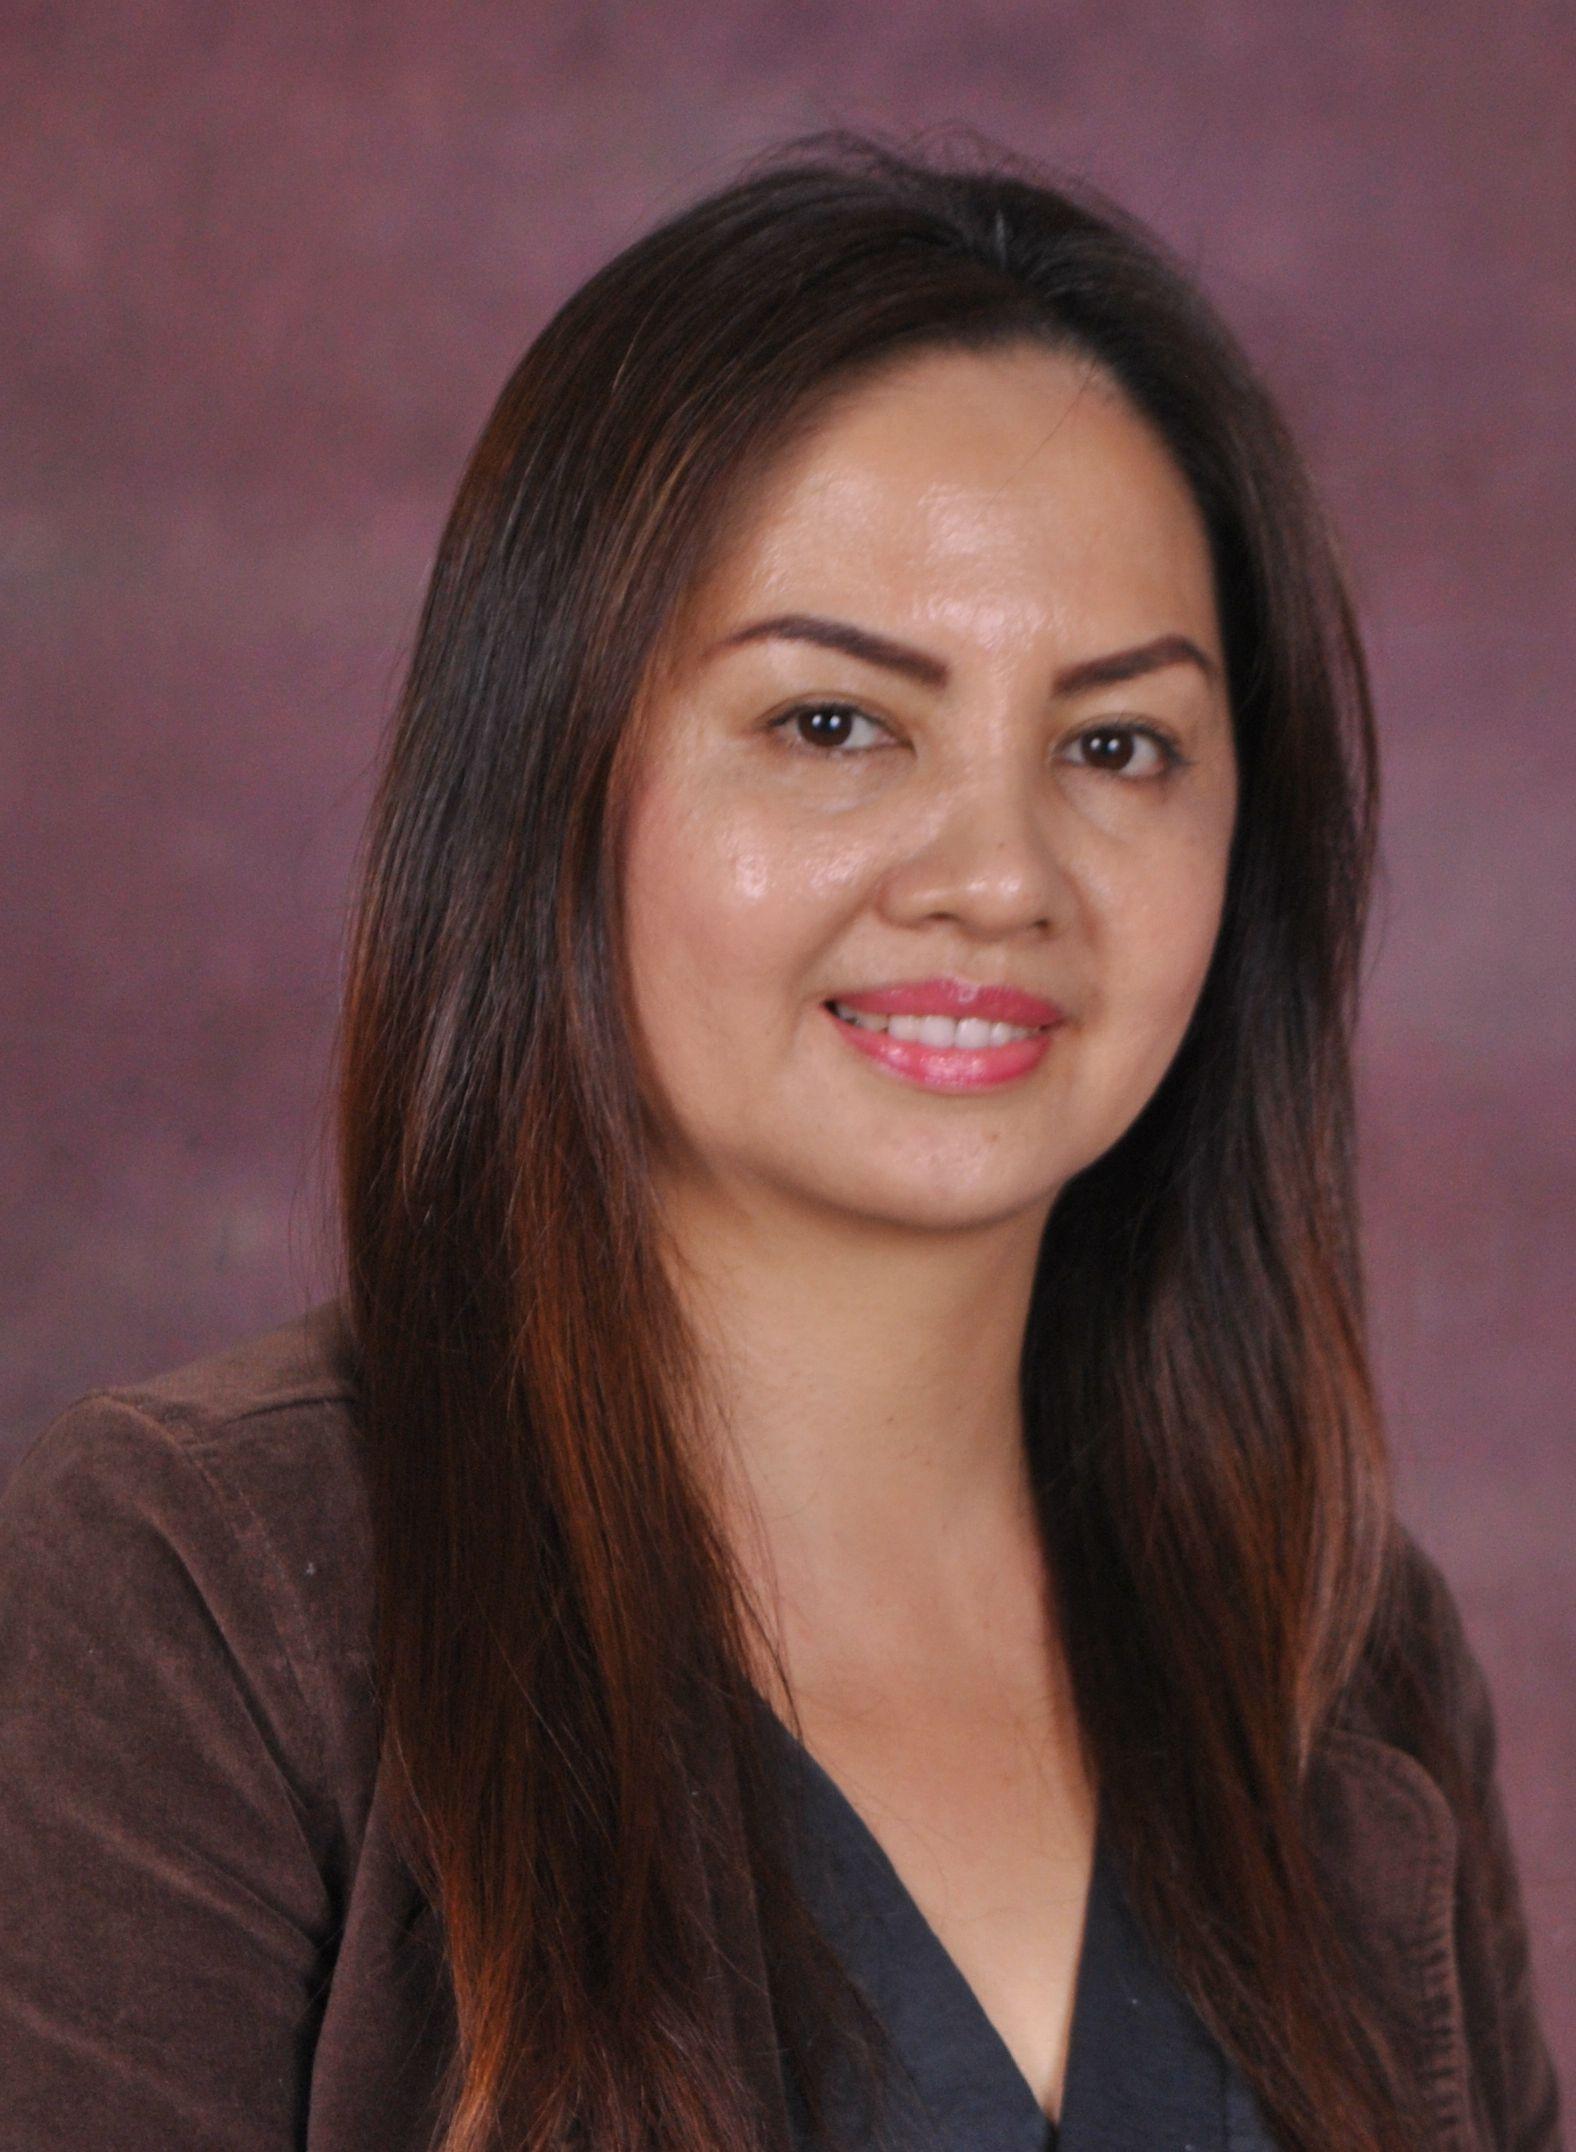 Dr. Lillybia Emily Ebin